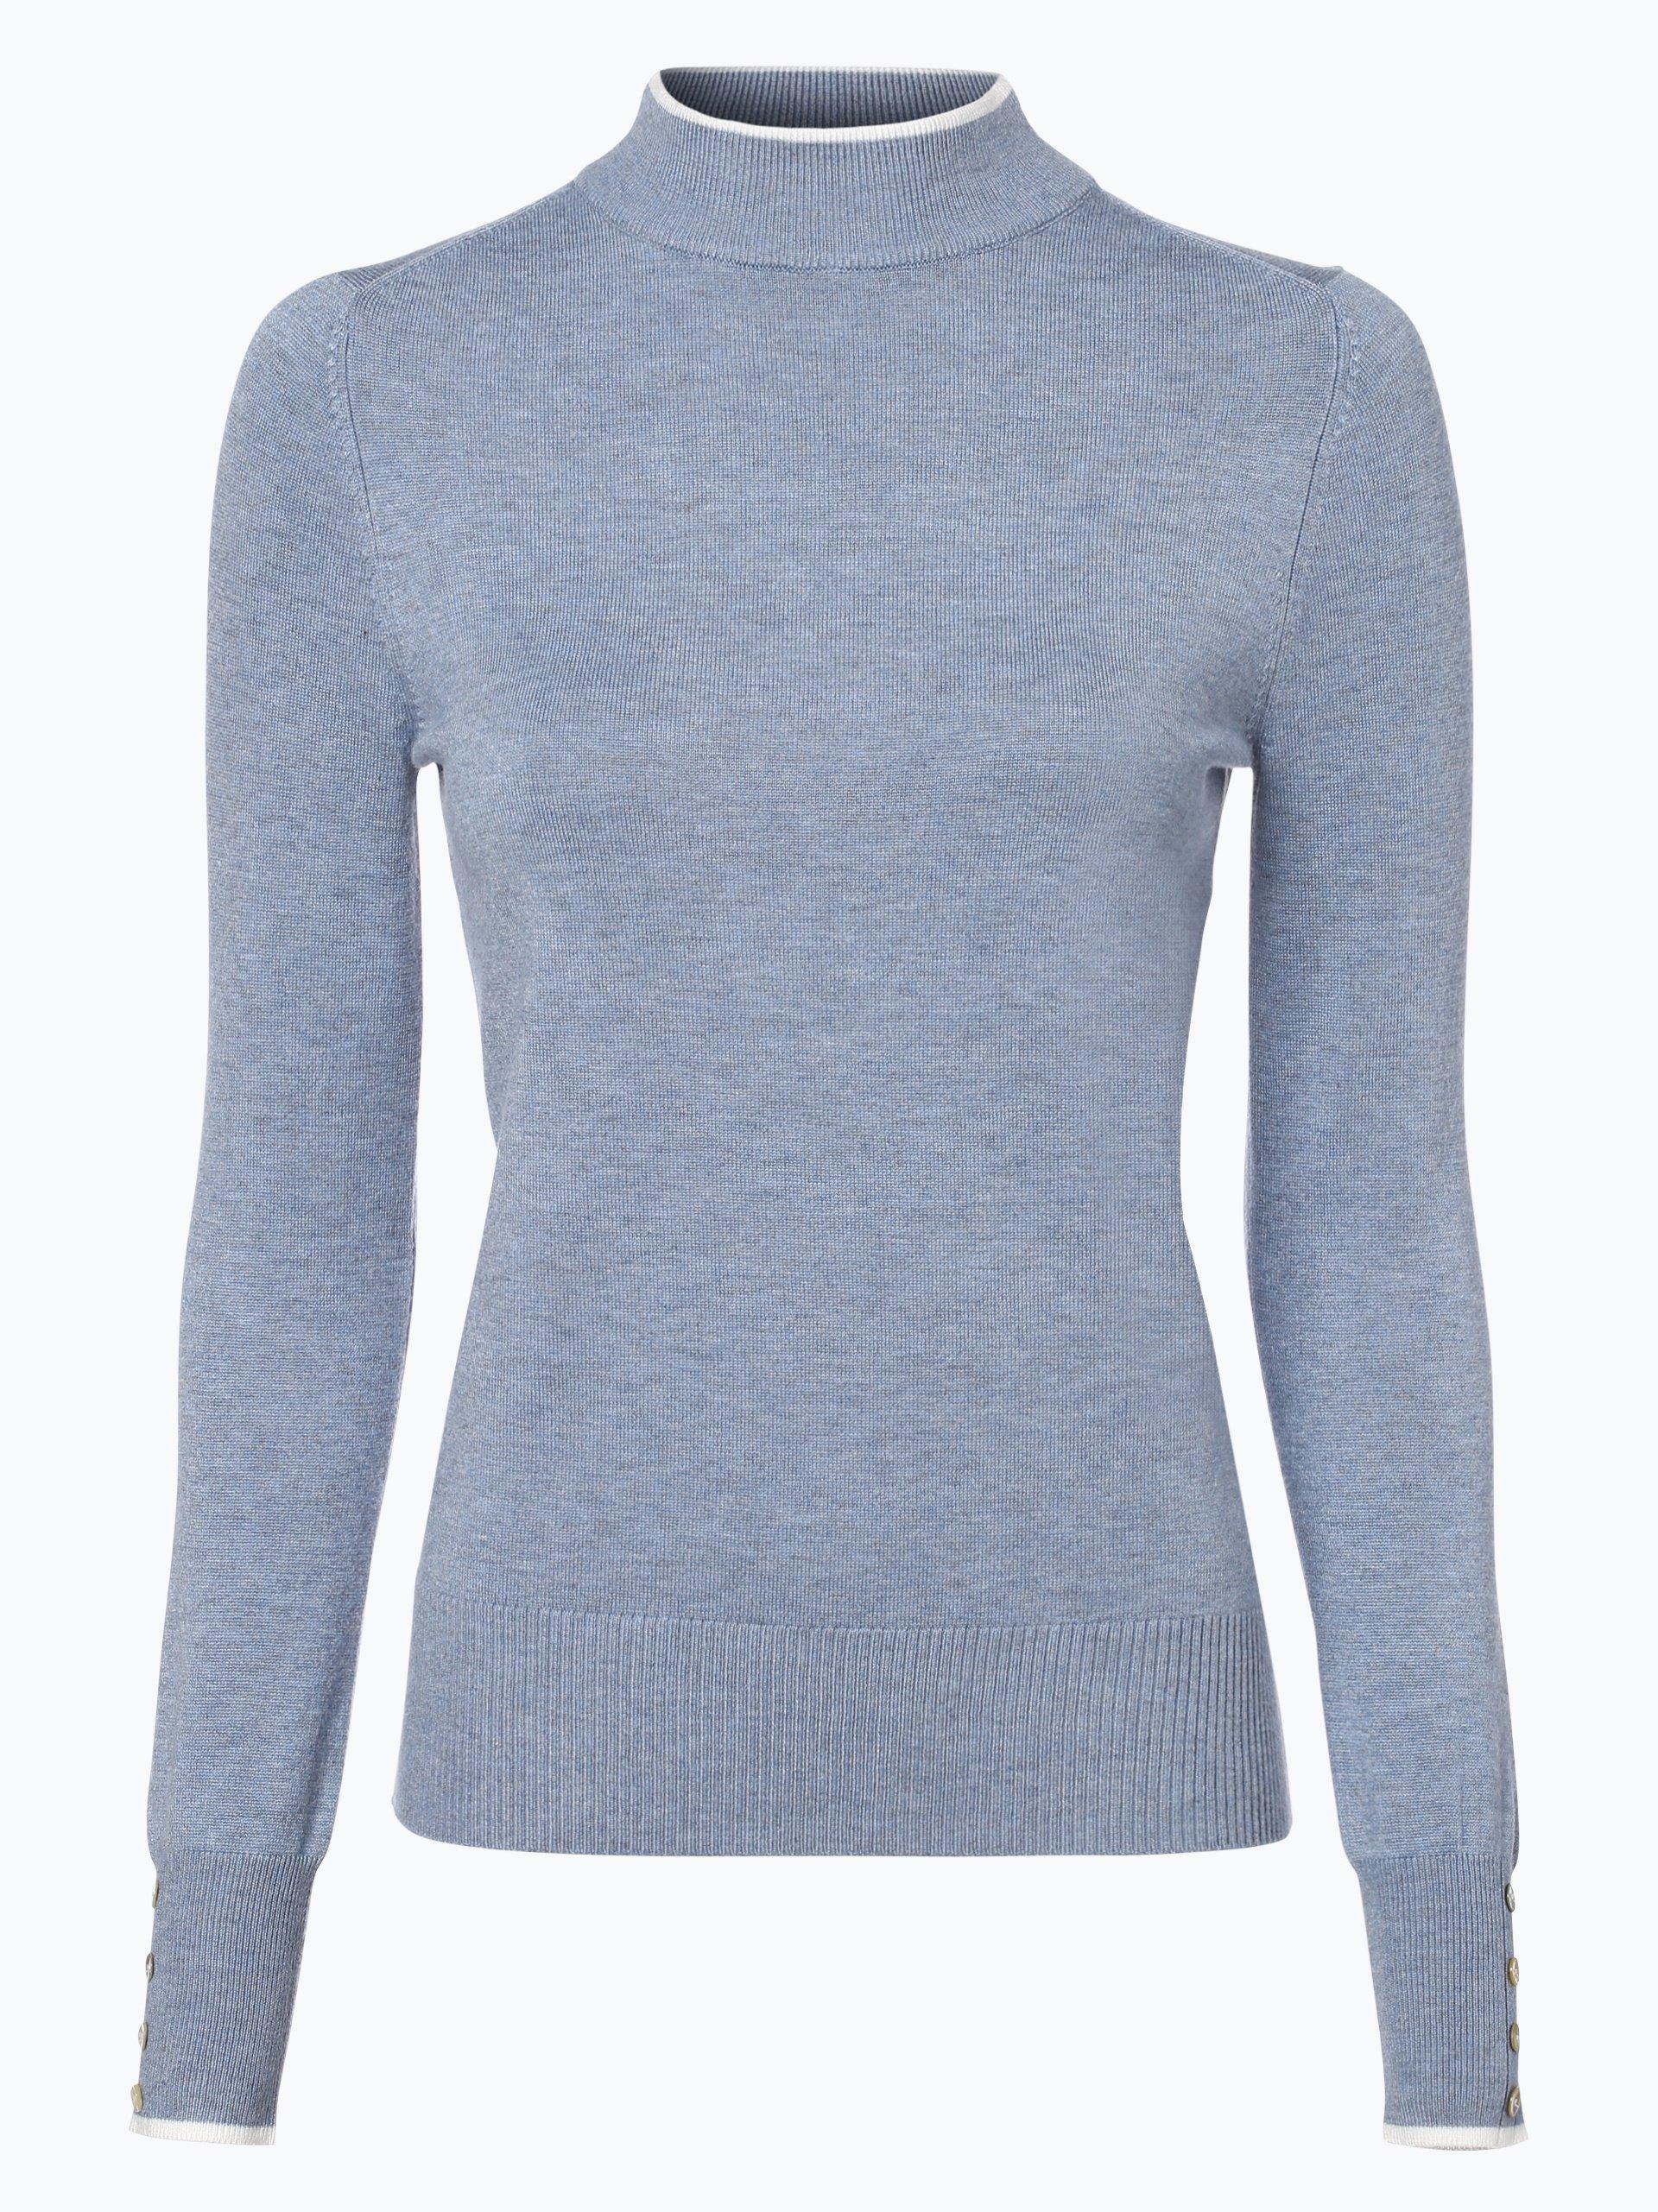 marie lund damen pullover hellblau uni online kaufen. Black Bedroom Furniture Sets. Home Design Ideas